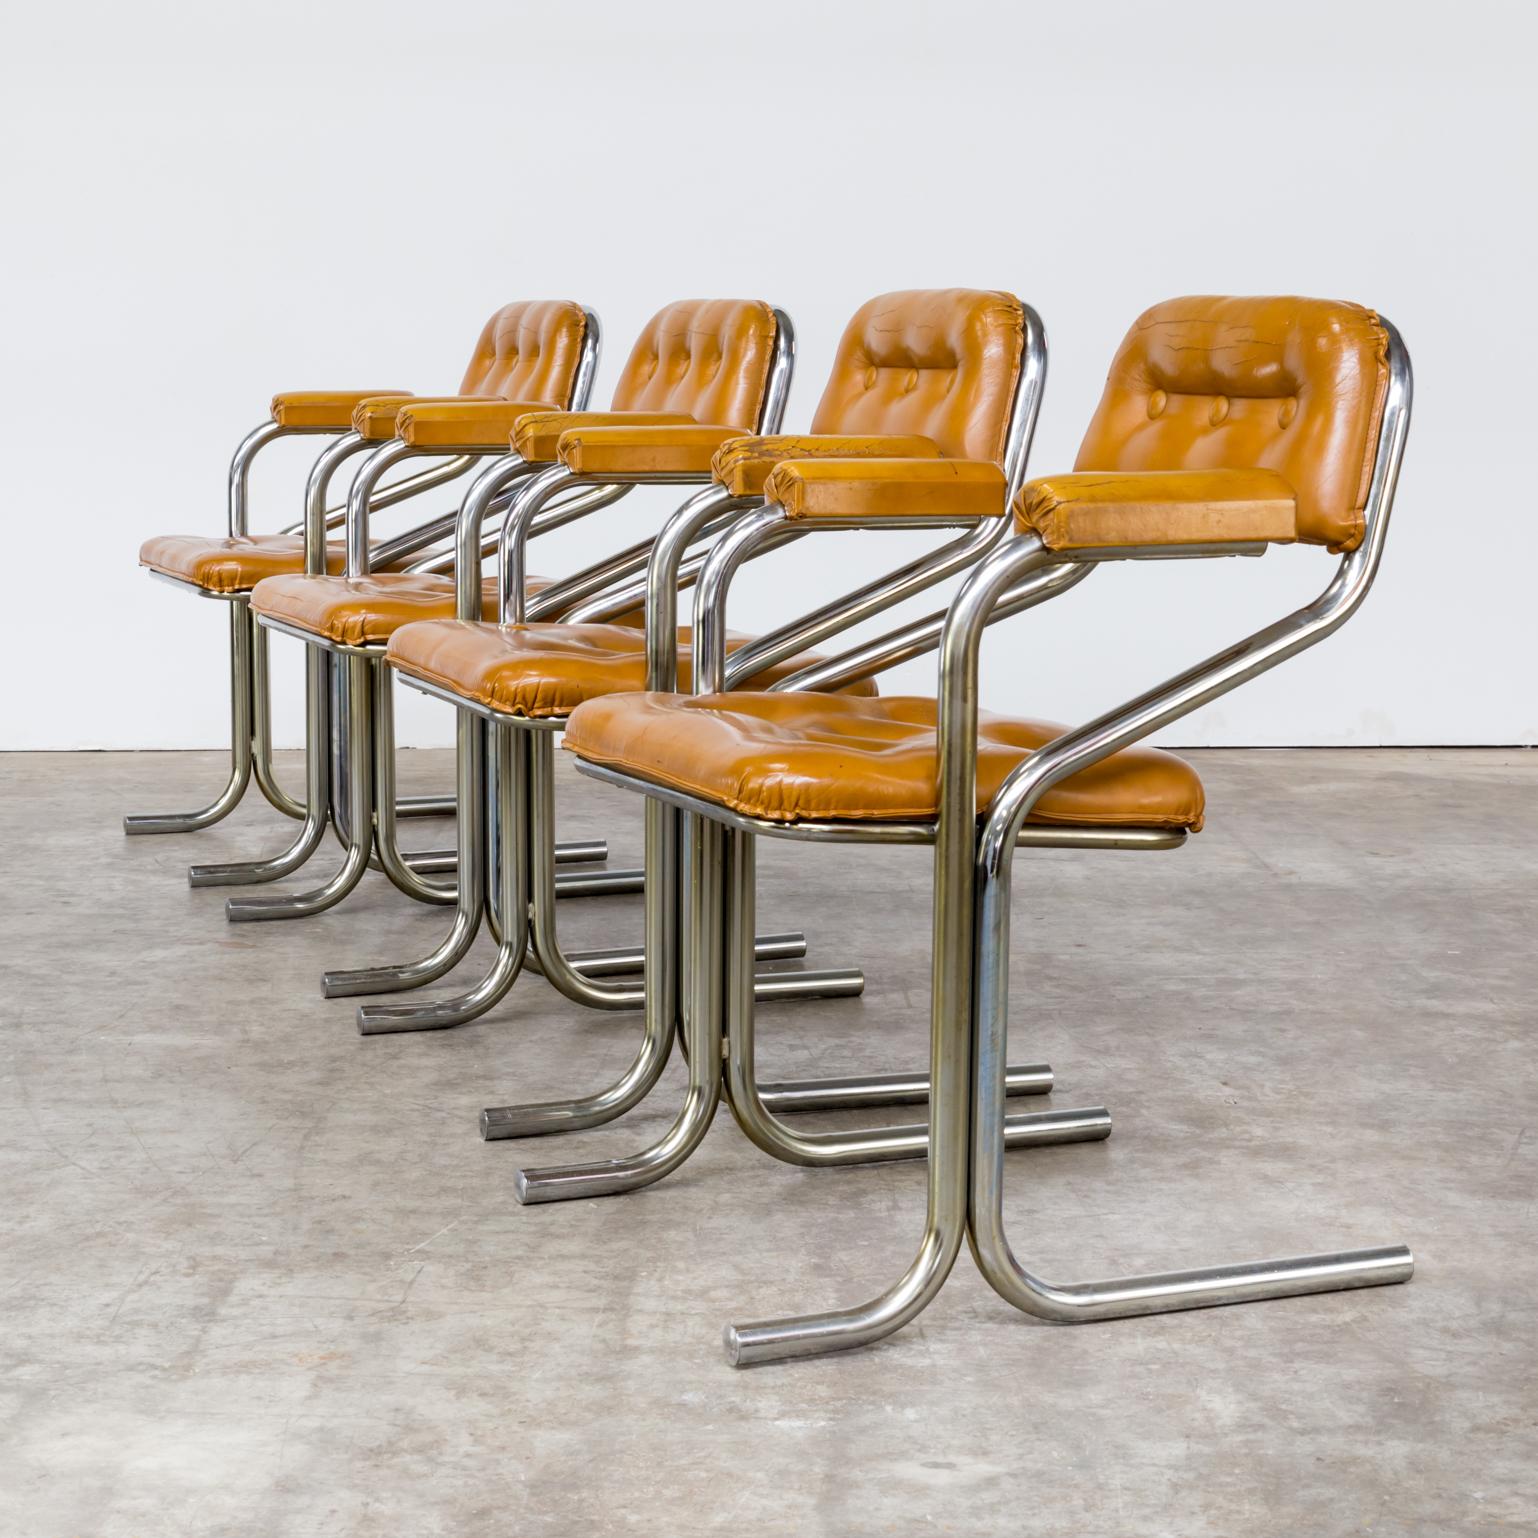 0306097ZST Tube Frame Dining Room Set Chair Vintage Retro